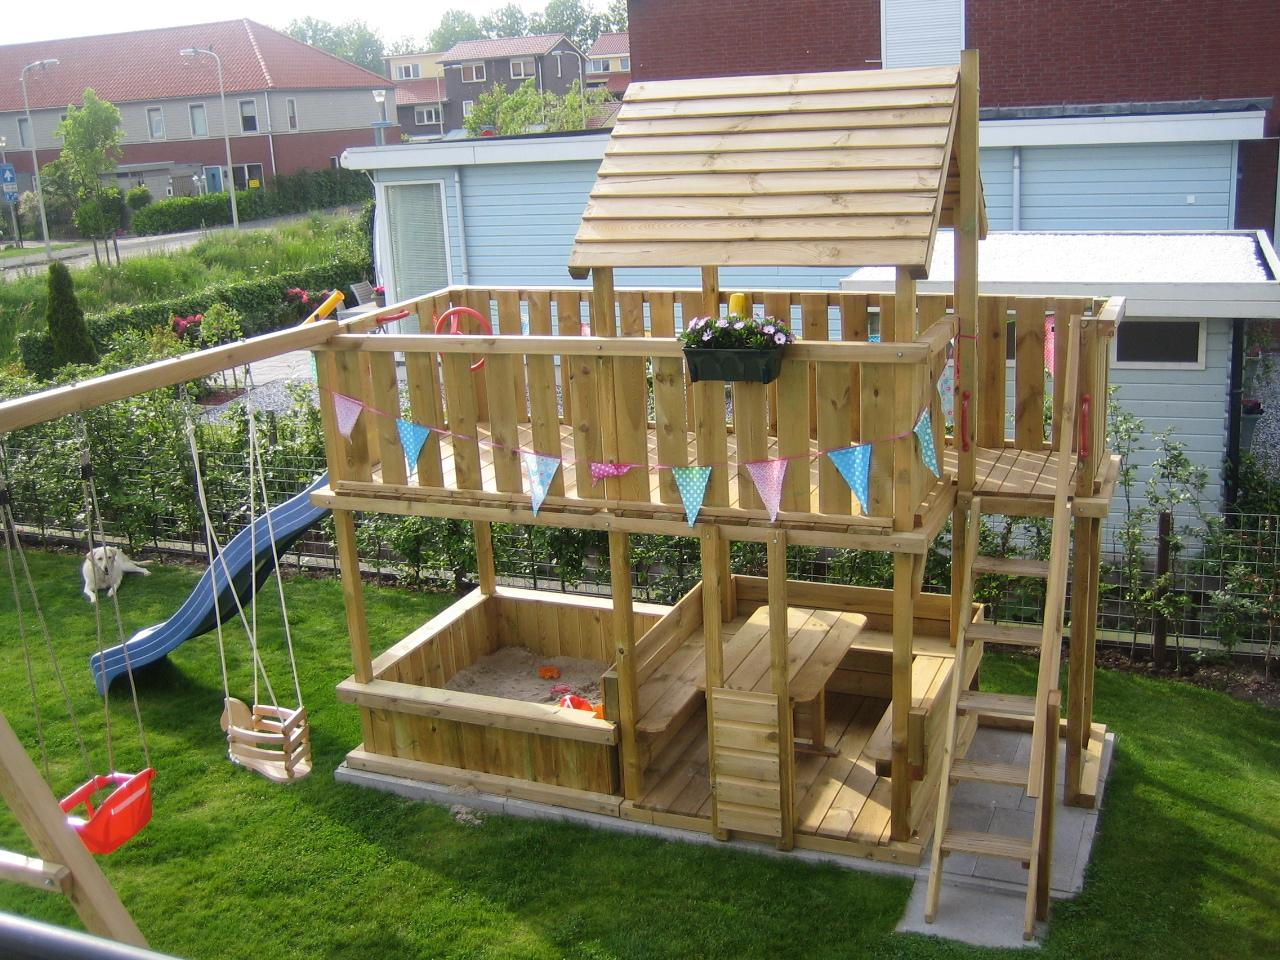 Schommel Voor Tuin : Speeltoestellen van tuinhout neerkant houten speeltoestel met